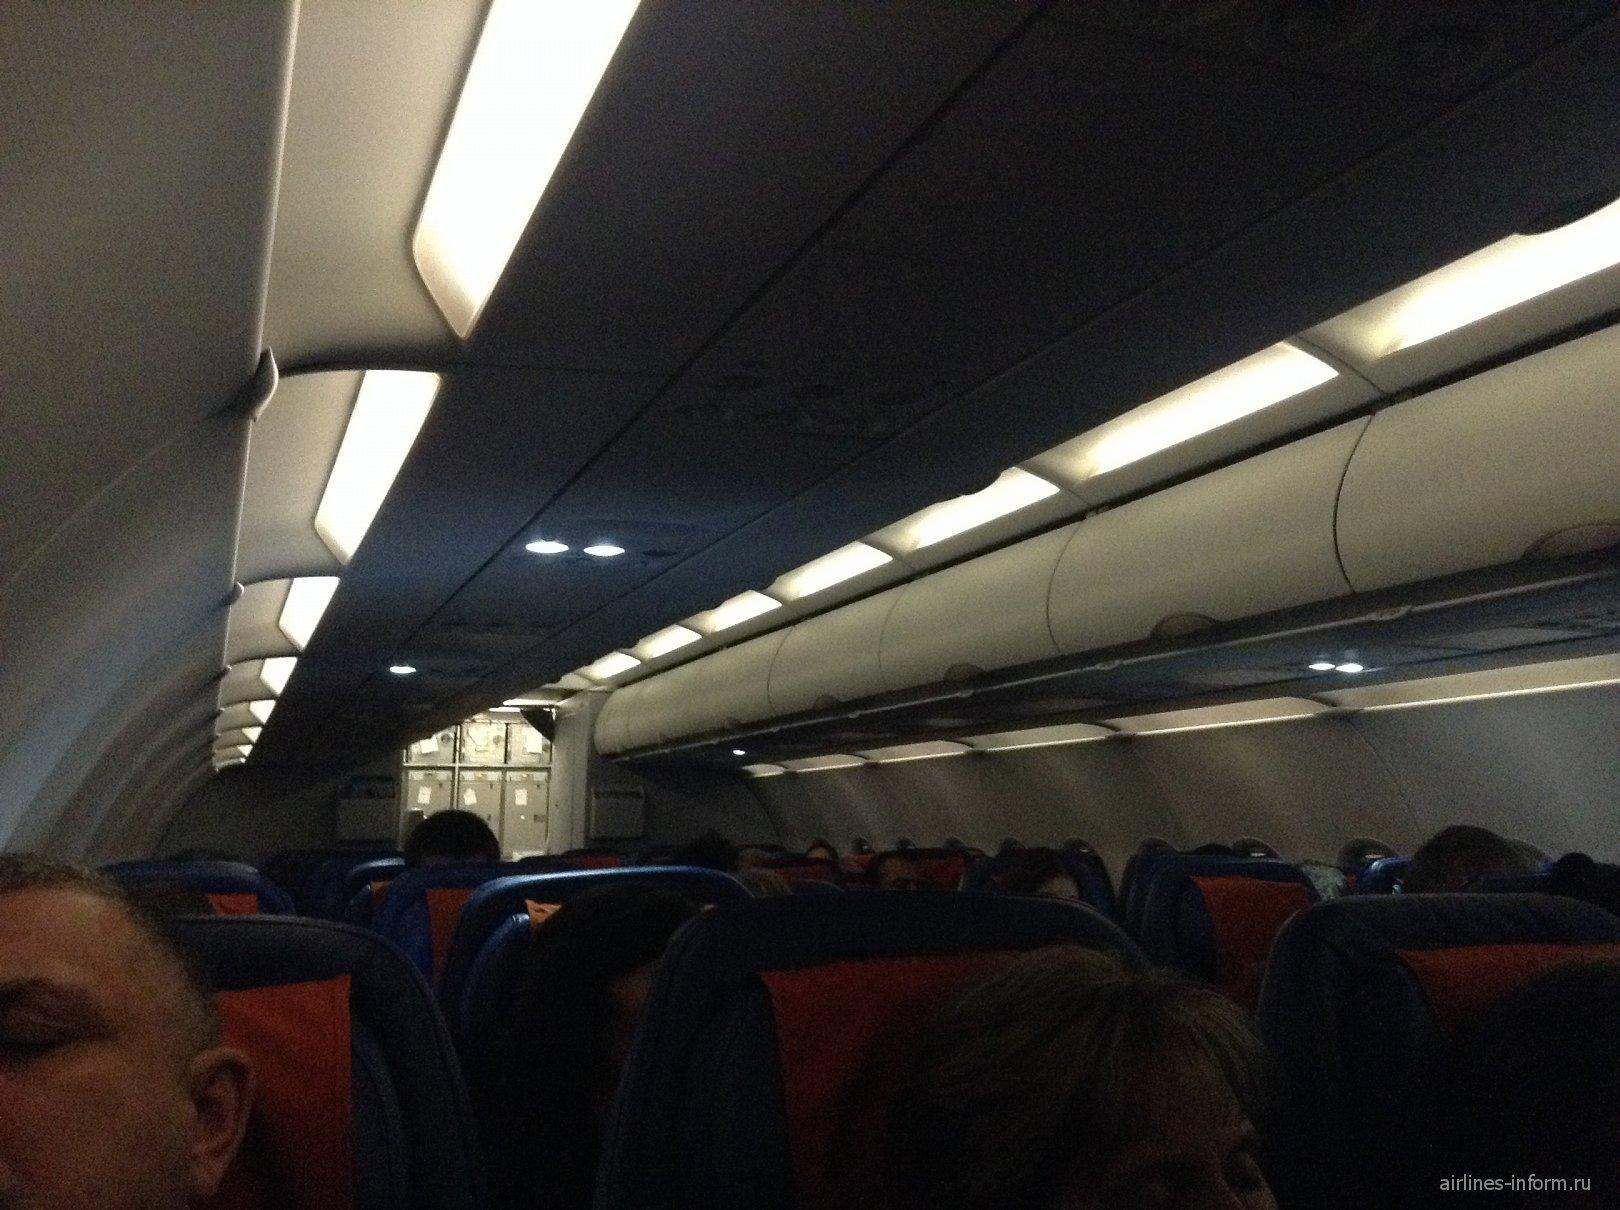 Свет был во время всего полёта